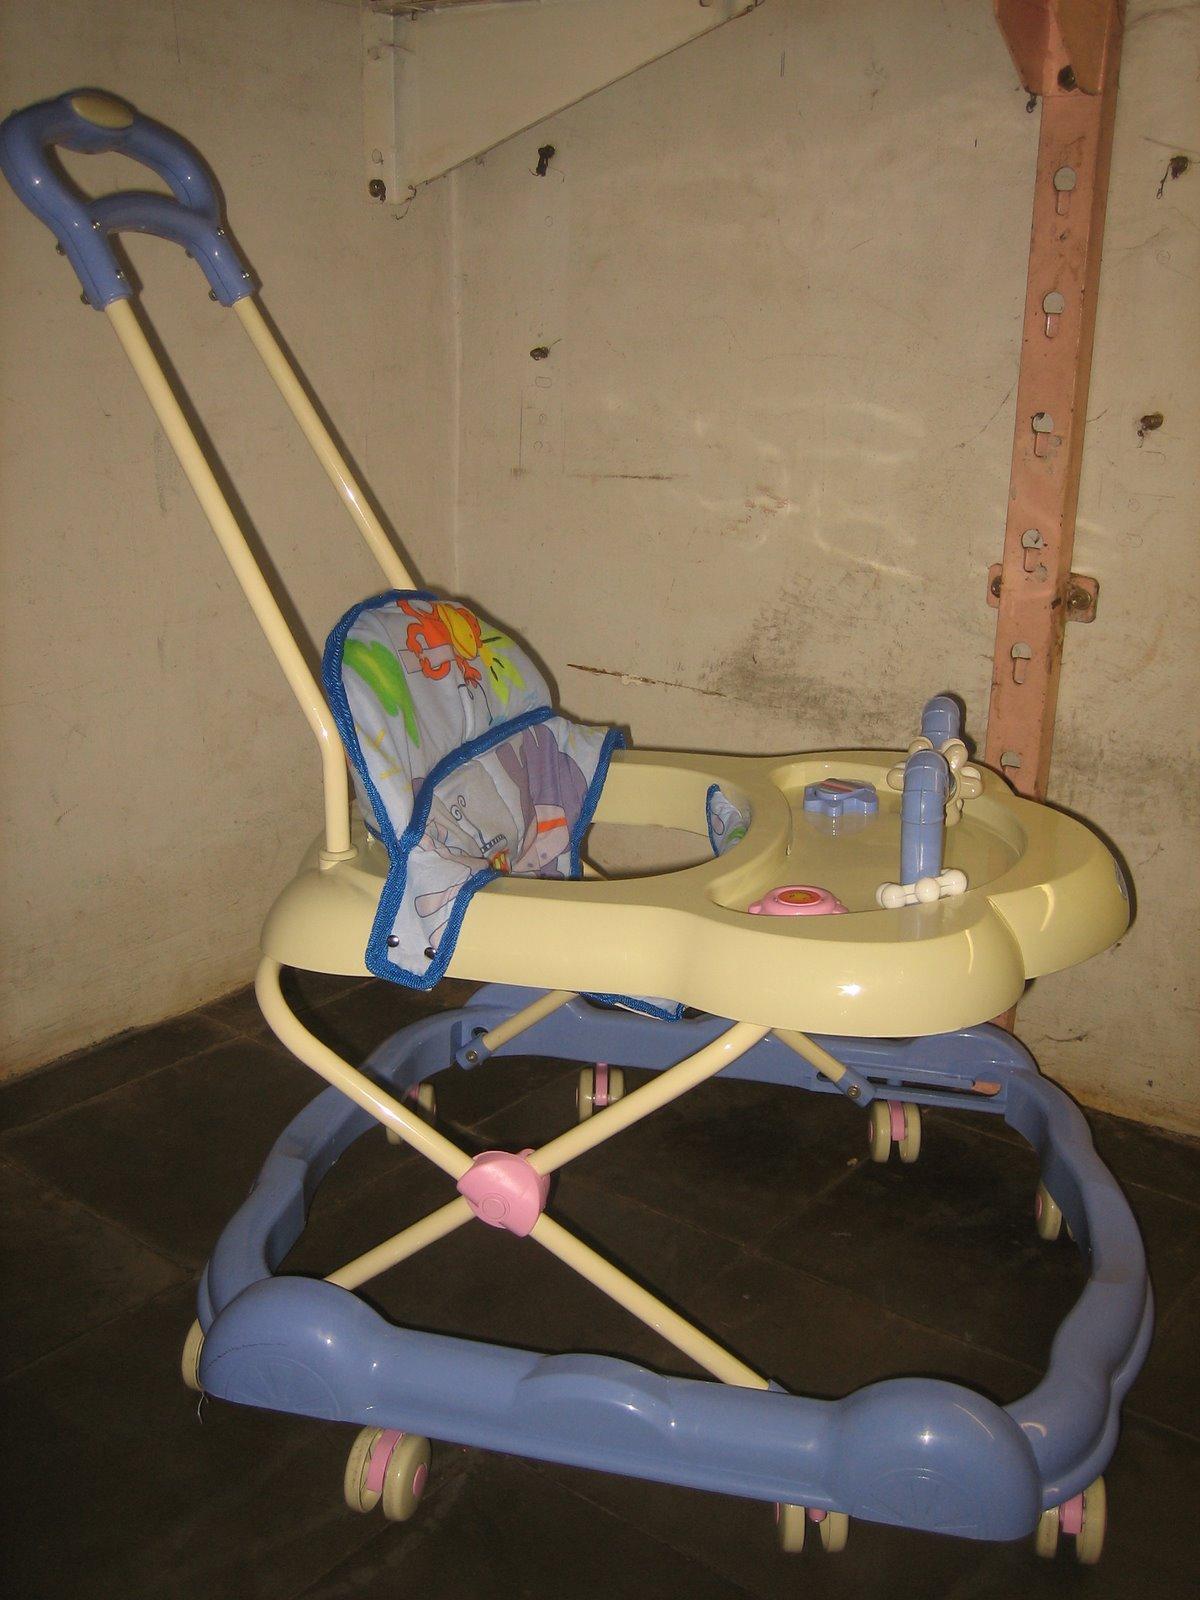 Tokomagenta A Showcase Of Products Baby Walker Royal Ry888 Musik Tongkat Dan Dorong